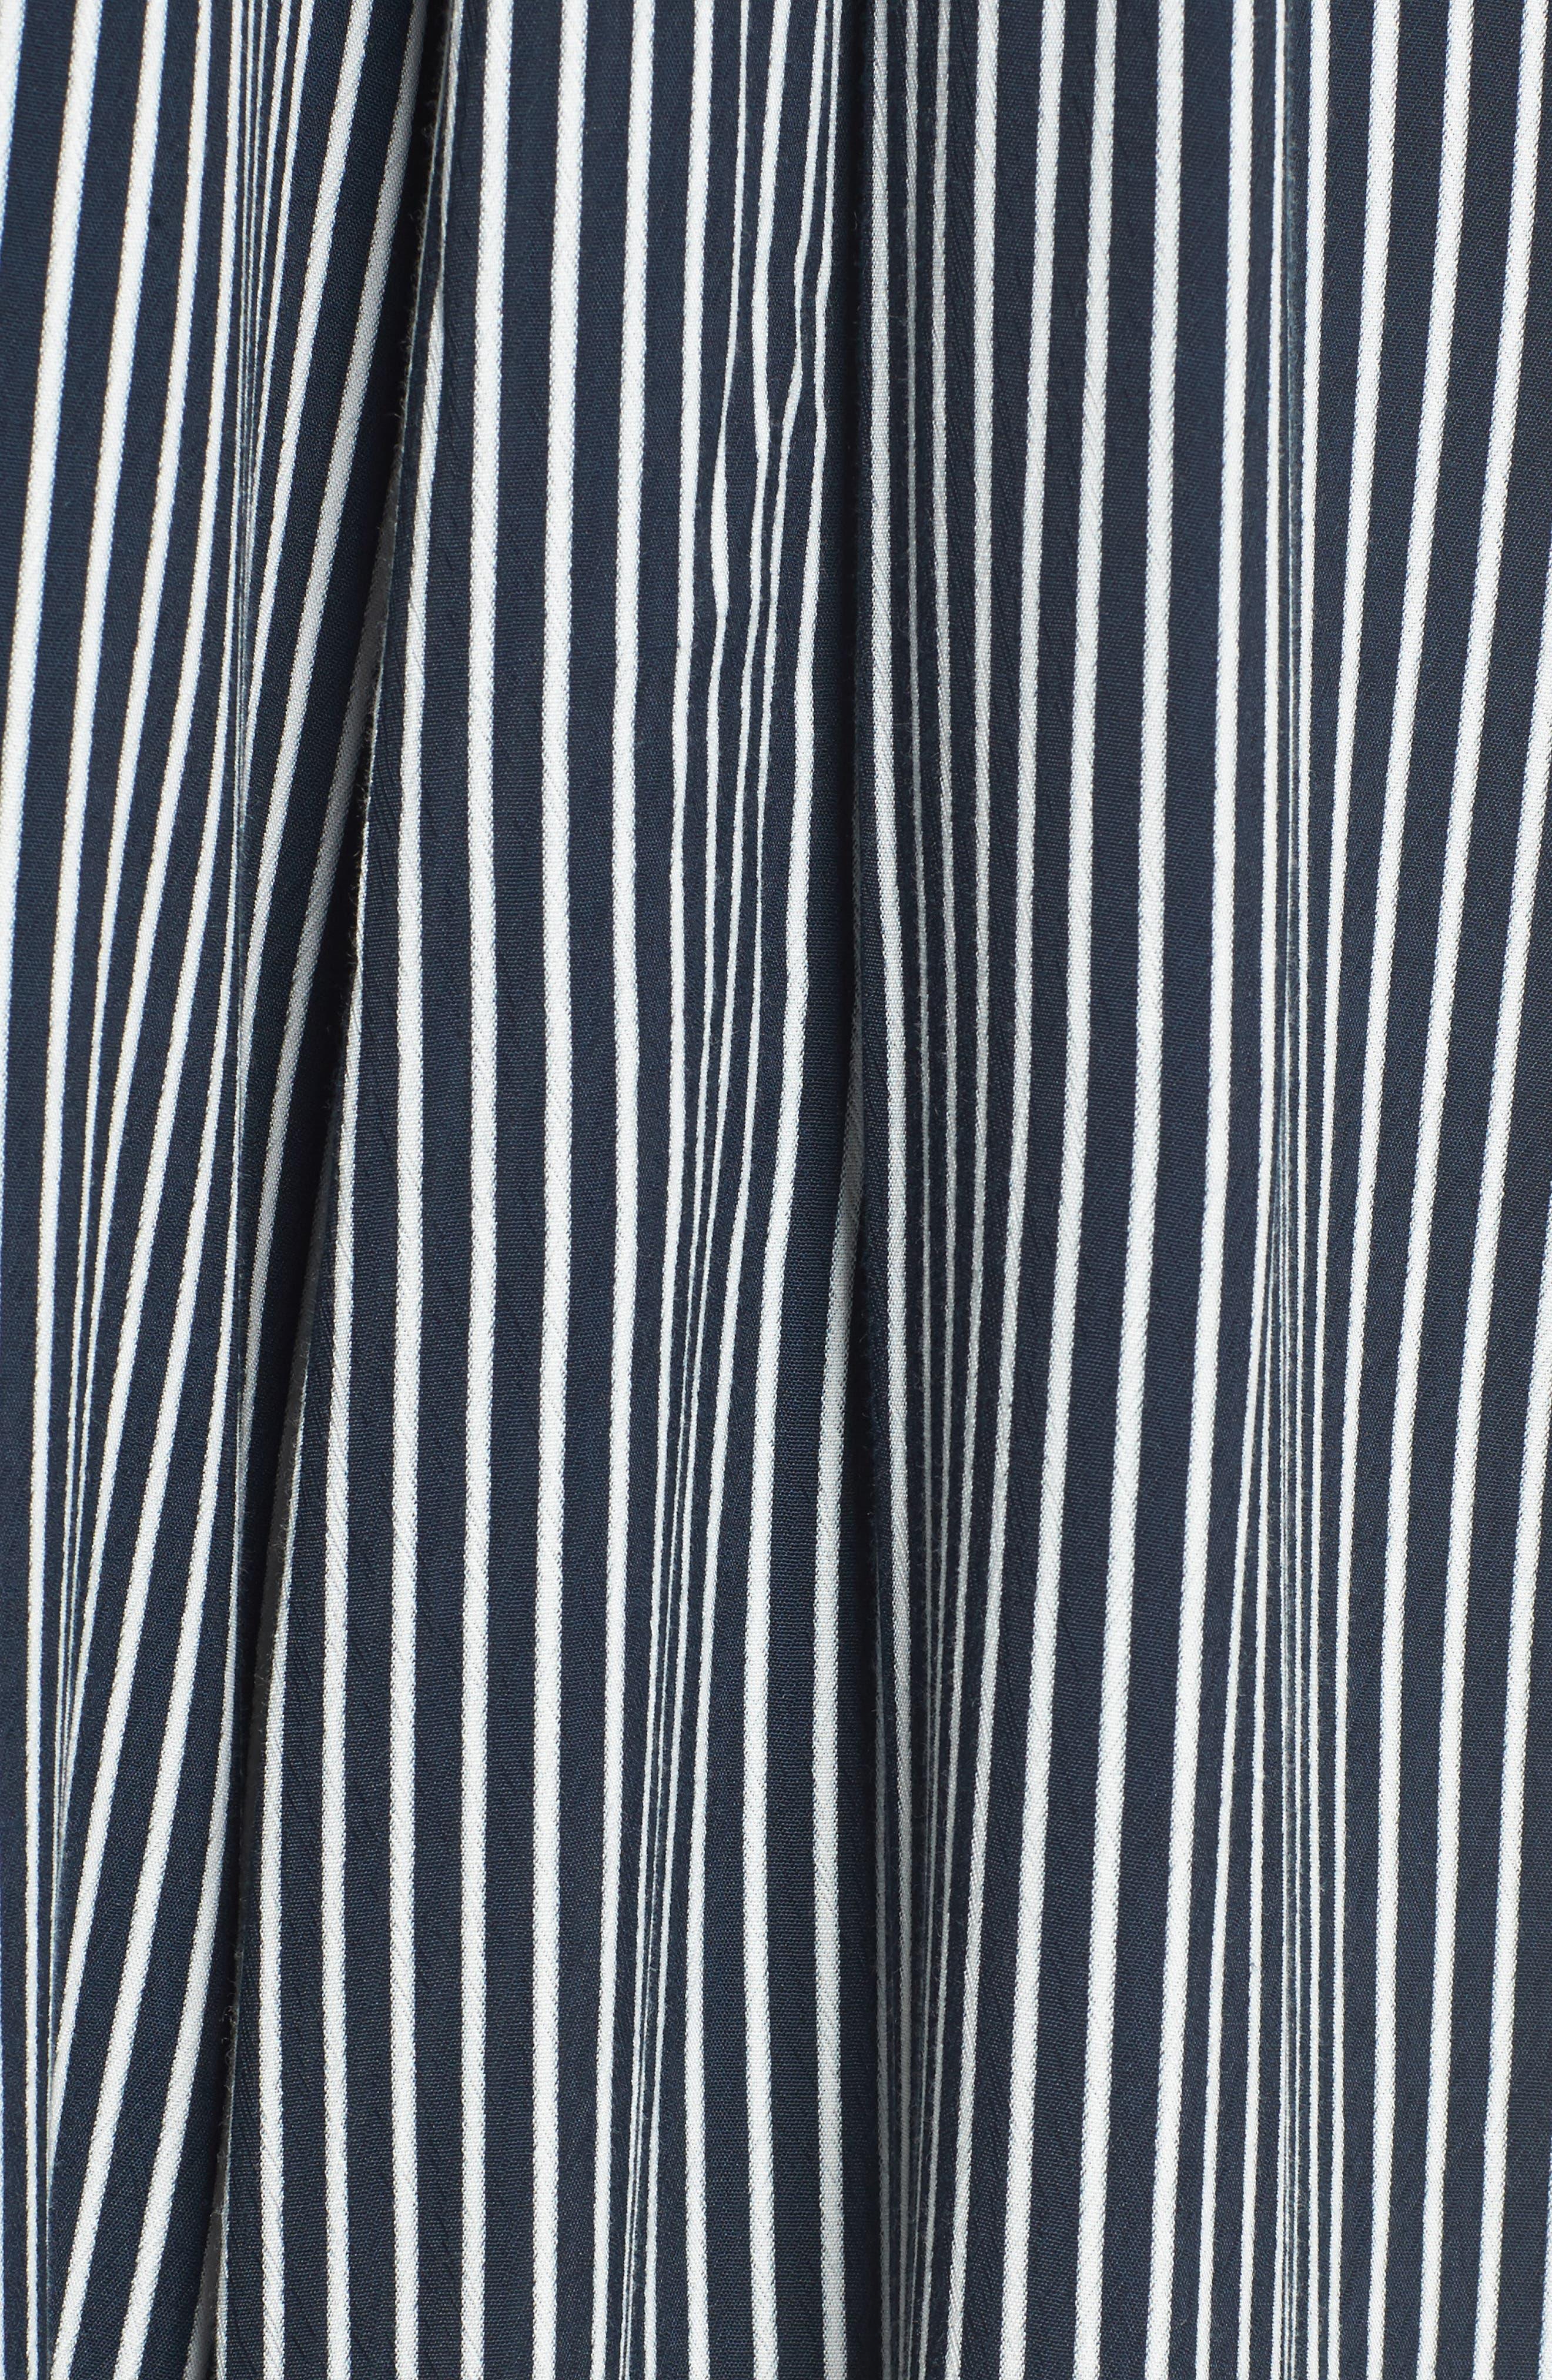 Riley Stripe Halter Jumpsuit,                             Alternate thumbnail 6, color,                             Cap Maison Stripe Print